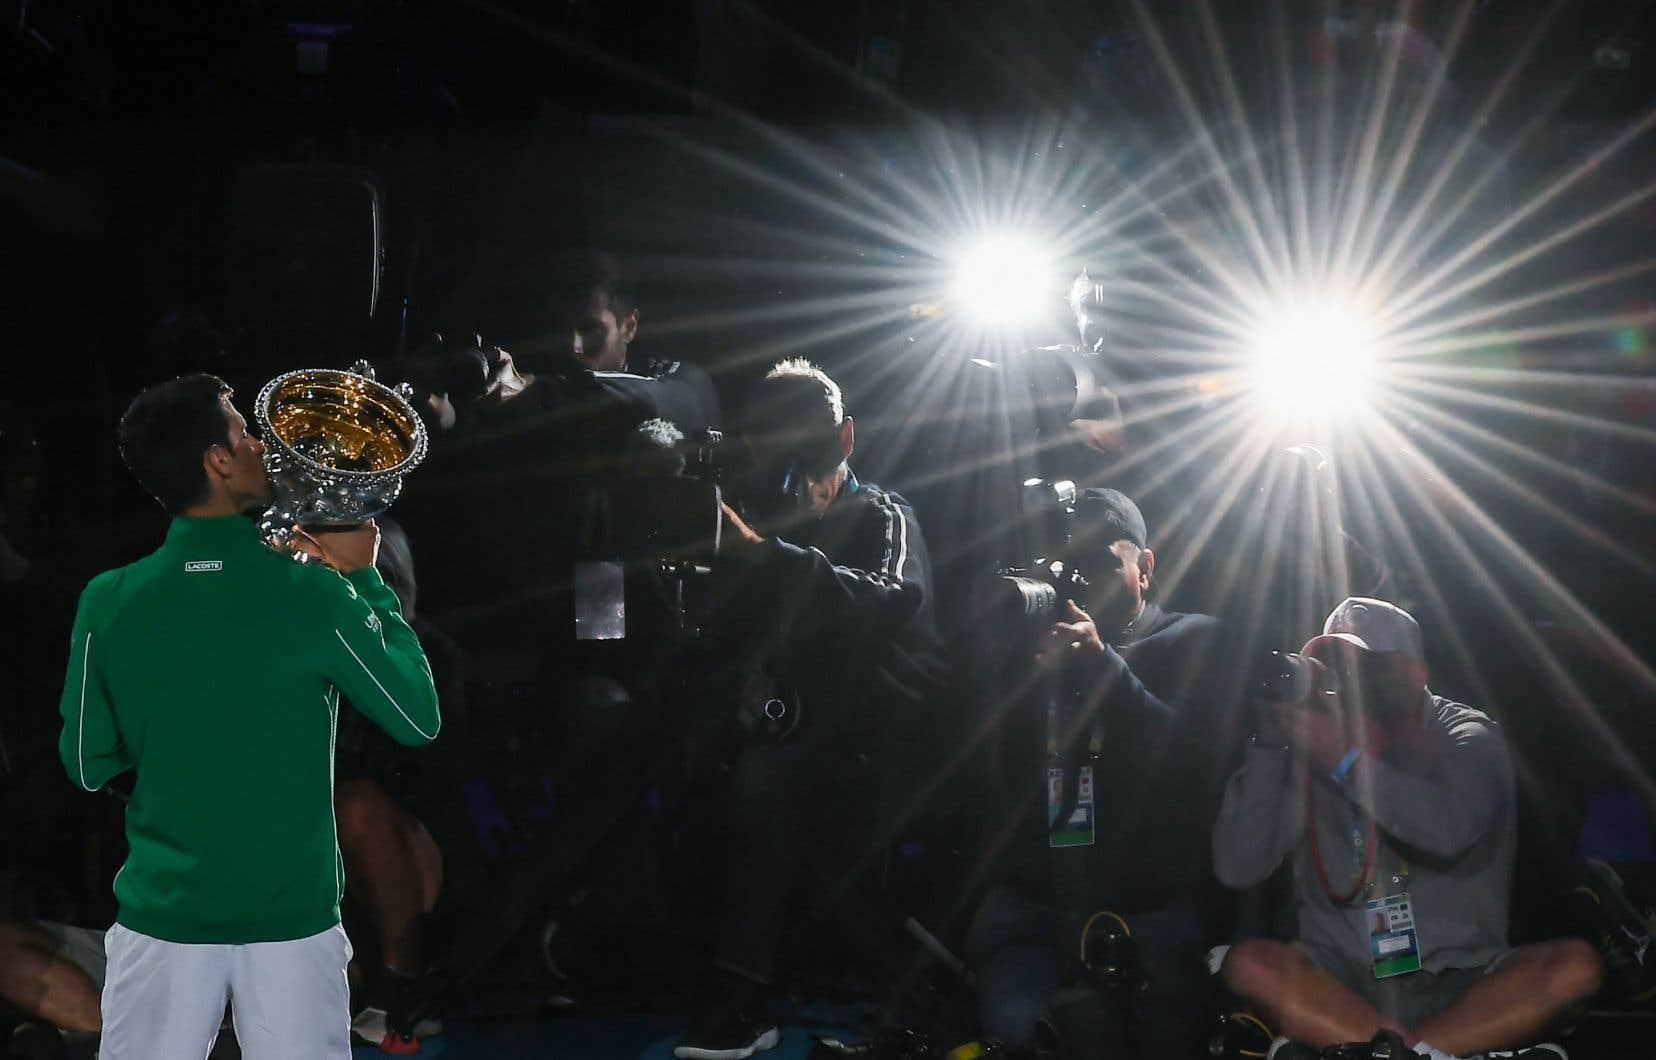 Si Novak Djokovic (photo) demeure no1 mondial jusqu'à la première semaine d'octobre, alors il devancera Federer.